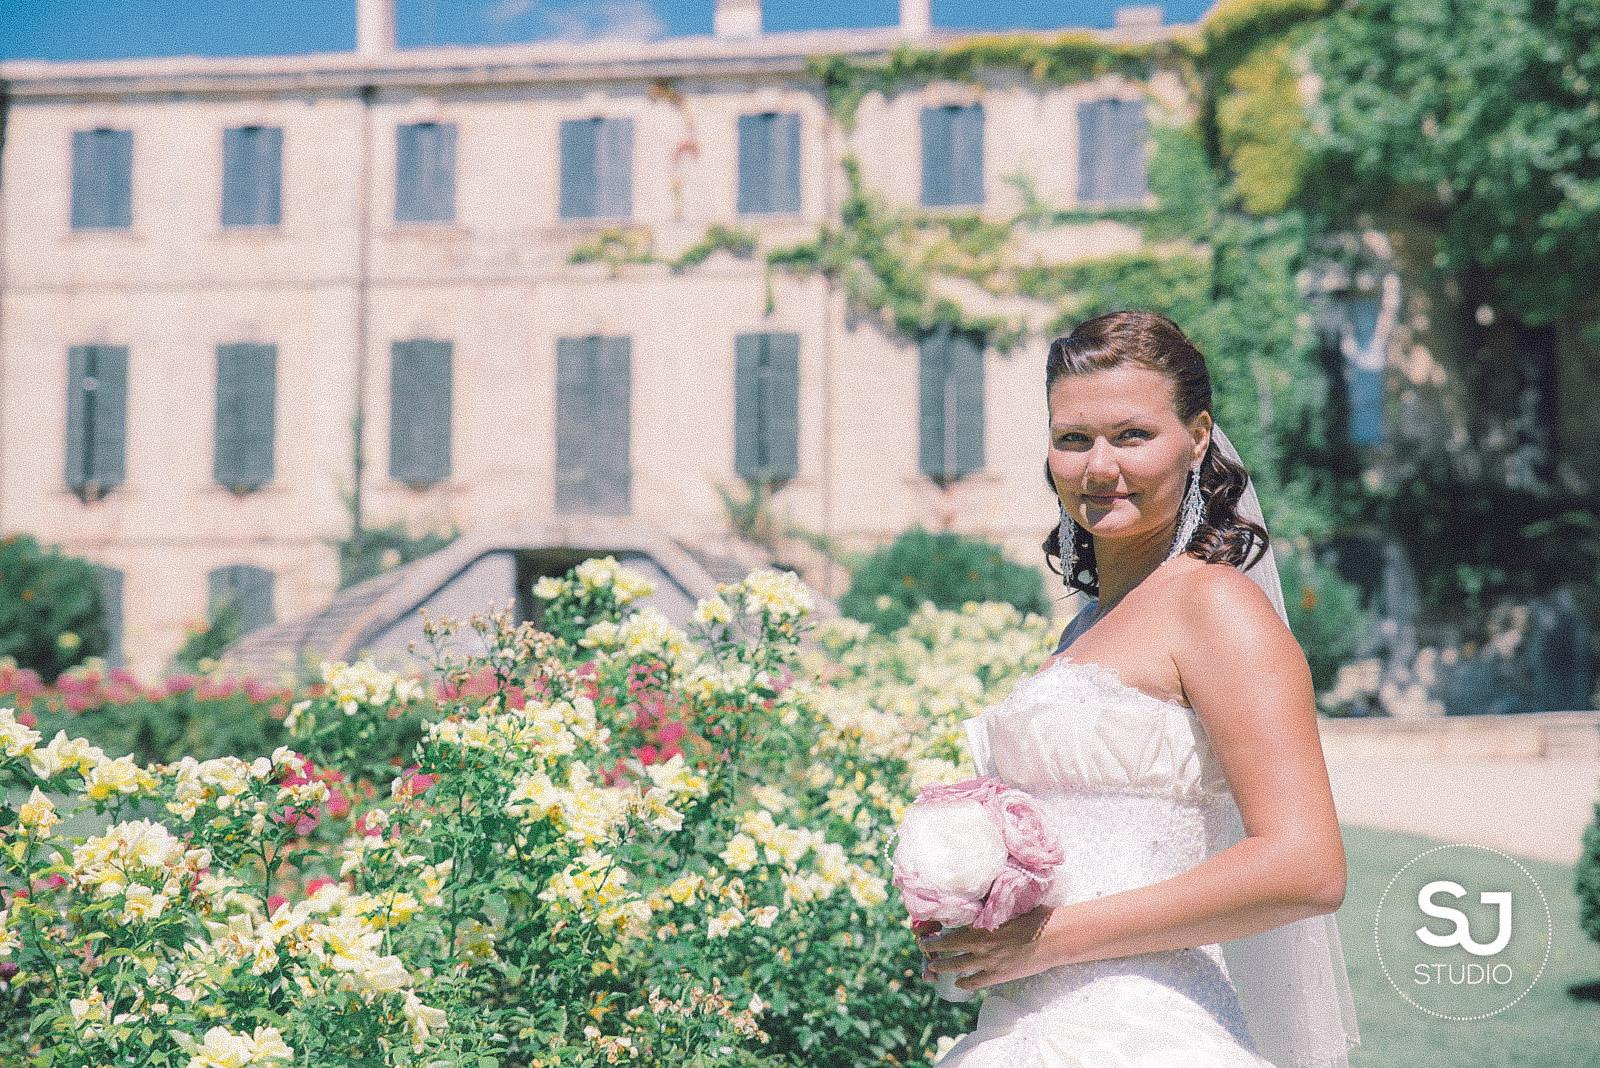 Photographe de Mariage Chateau d'Estoublon Arles Provence Alpilles-3-2